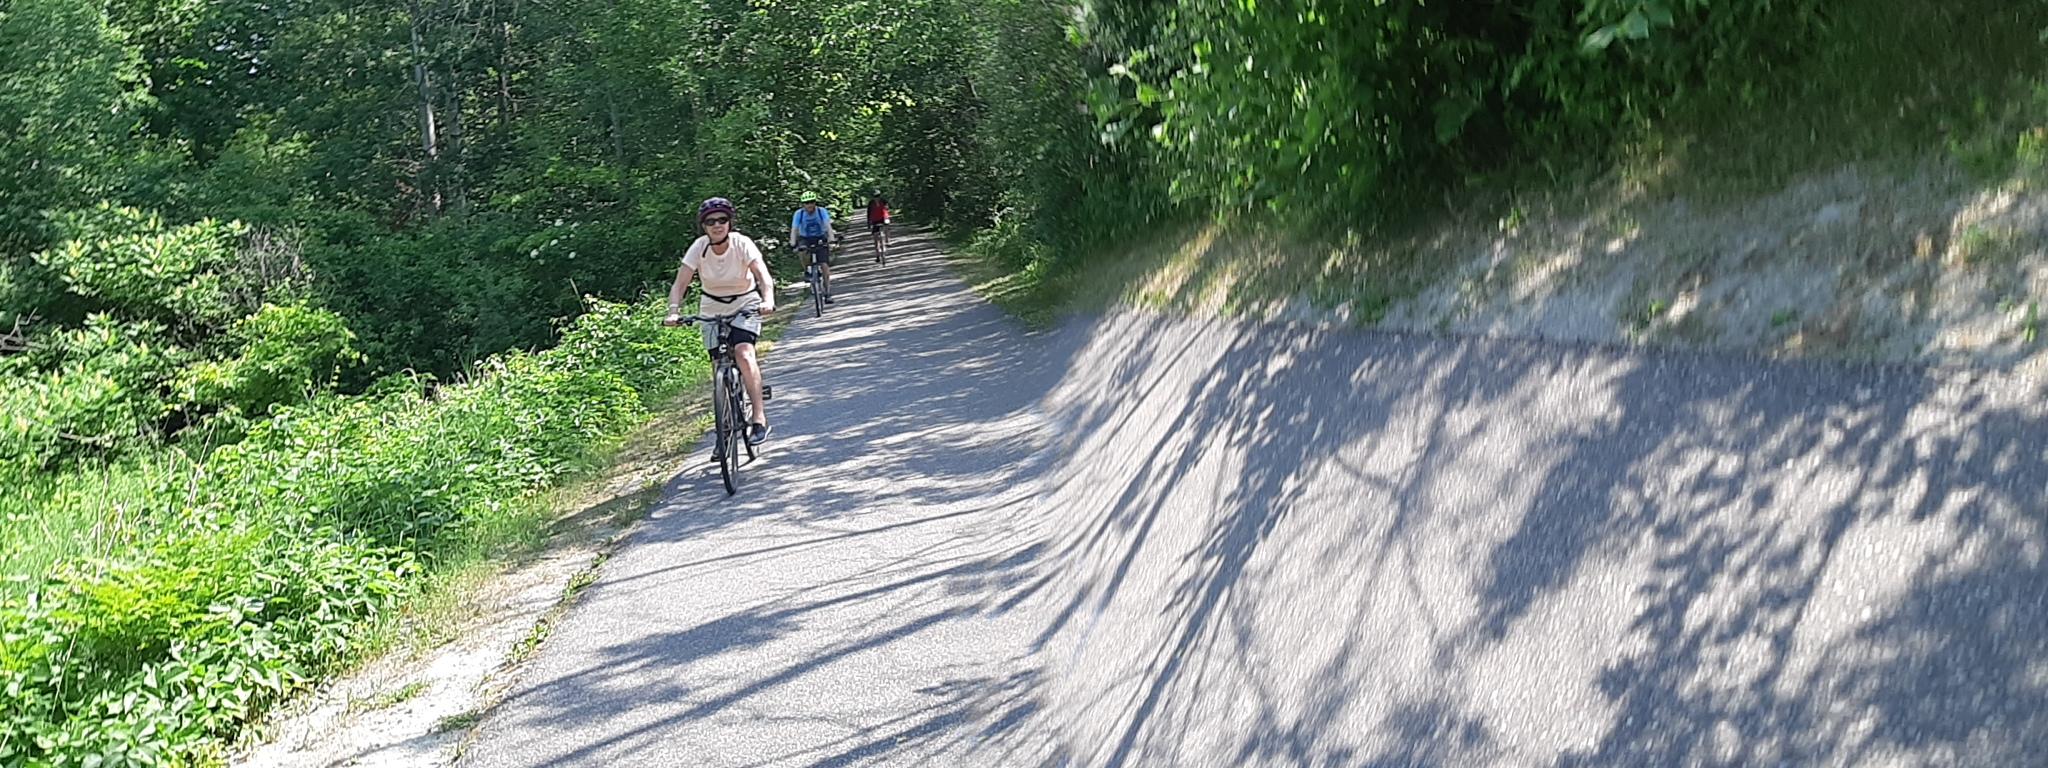 Tay Trail along Lake Huron